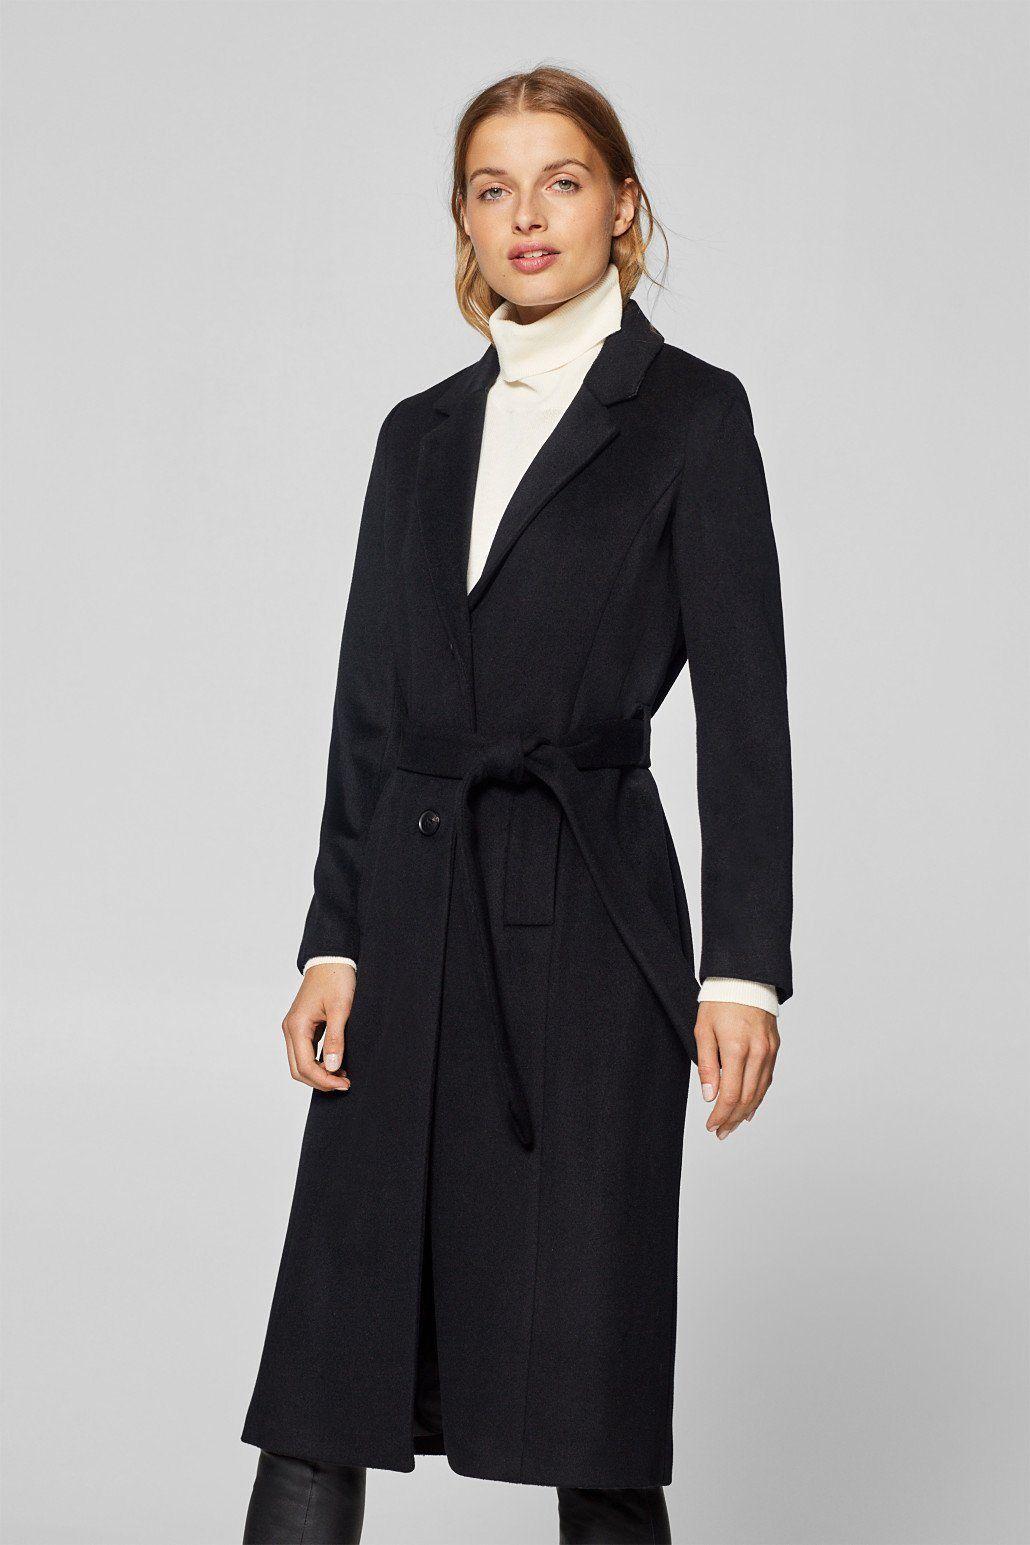 OTTO Damen Esprit Collection Woll-Mix Kaschmir  Mantel mit Gürtel ... 65f58703c0